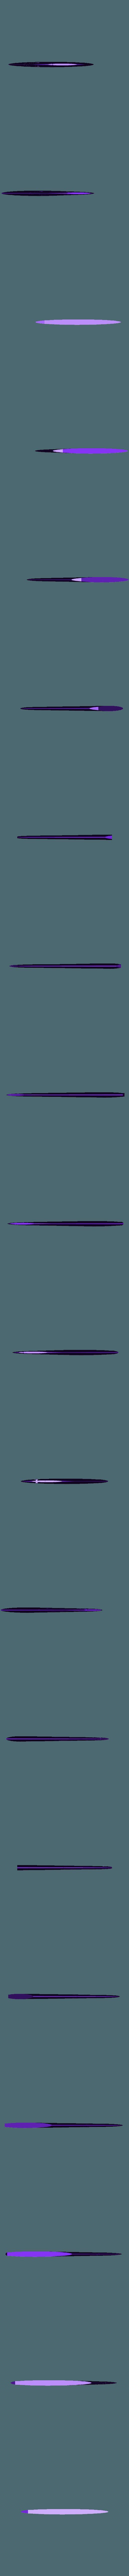 Rudder.stl Download free STL file Flyer Mk. 1 • 3D printing object, billbo1958